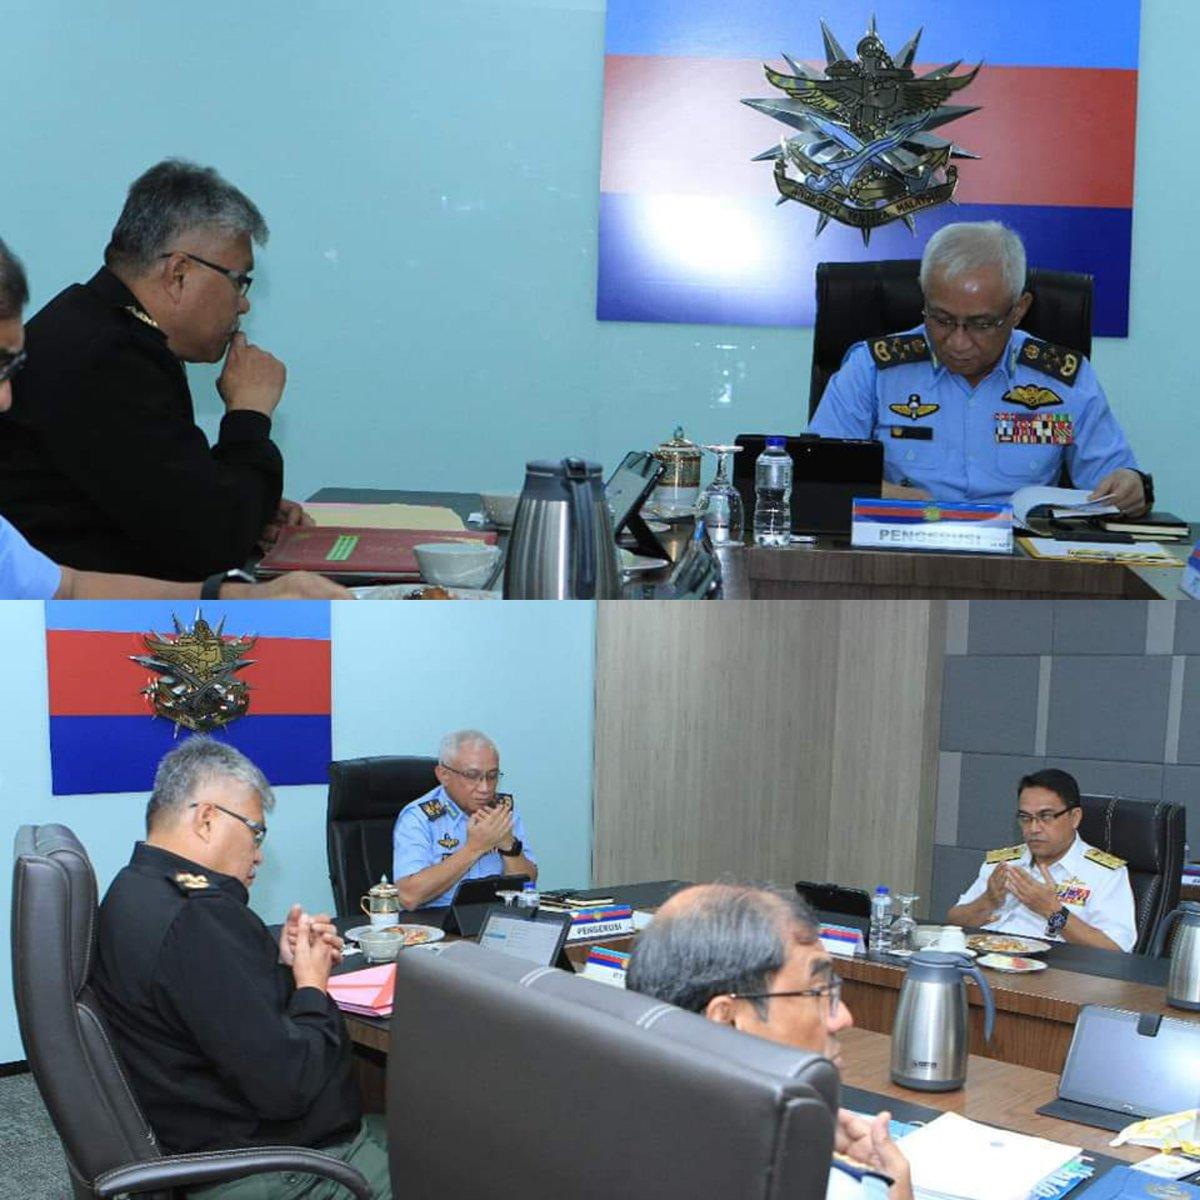 PTD, Jen Datuk Zamrose bin Mohd Zain telah menghadiri Mesyuarat Jawatan Kuasa Panglima-Panglima (JPP) Khas Siri 11/20 yang diadakan di Bilik Mesyuarat Panglima Angkatan Tentera yang dipengerusikan oleh PAT, Jen Tan Sri Dato' Sri Haji Affendi bin Buang TUDM pada 15 Jun 20. https://t.co/f5yWQ7RLJr